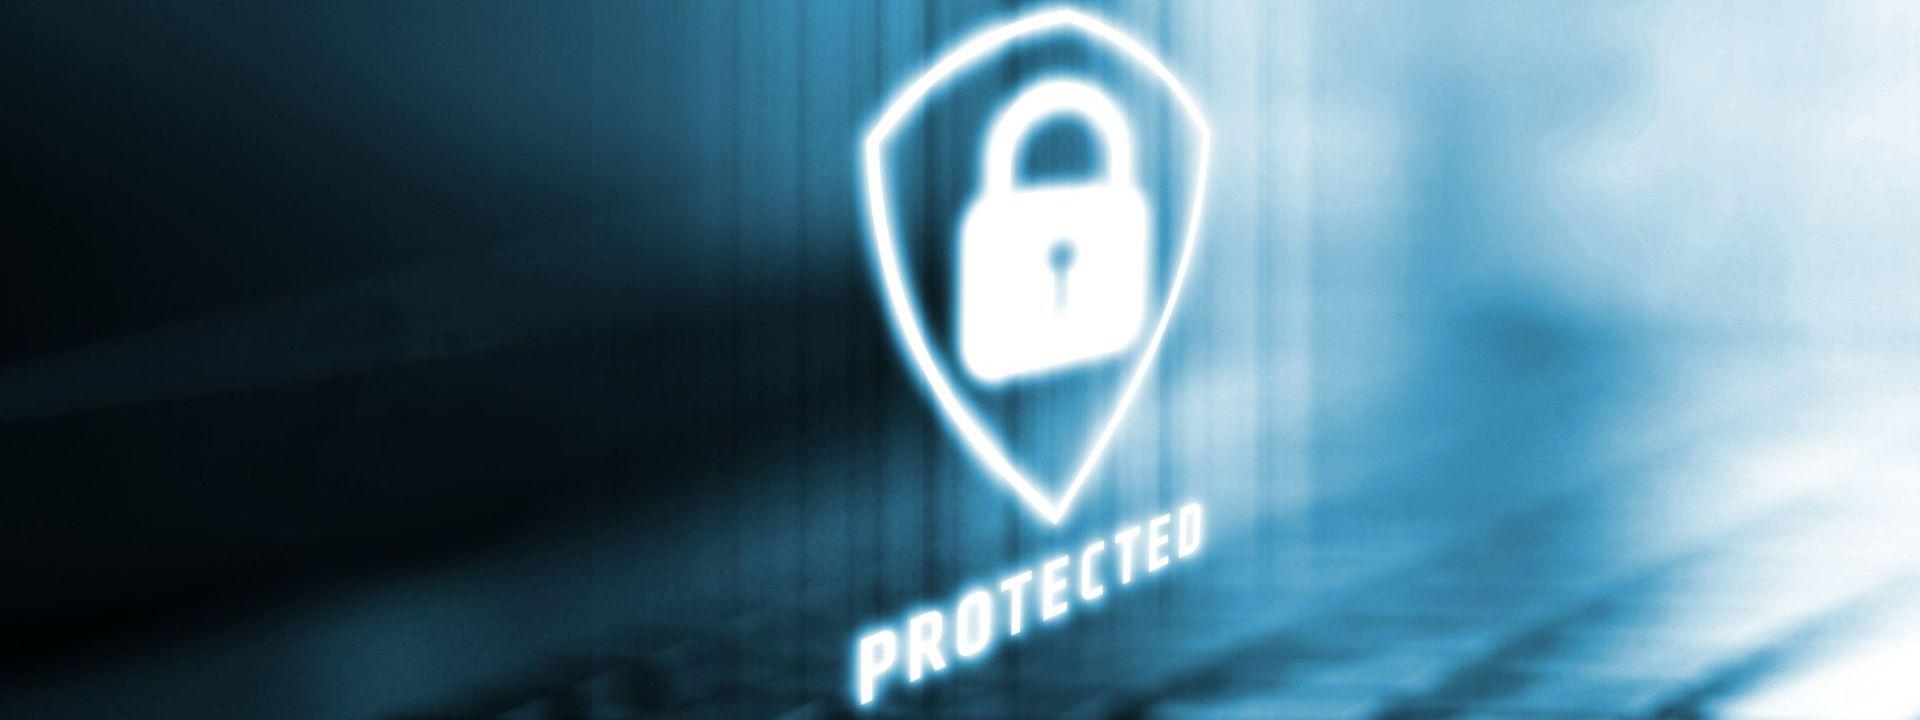 Detener el exploit es detener el ataque